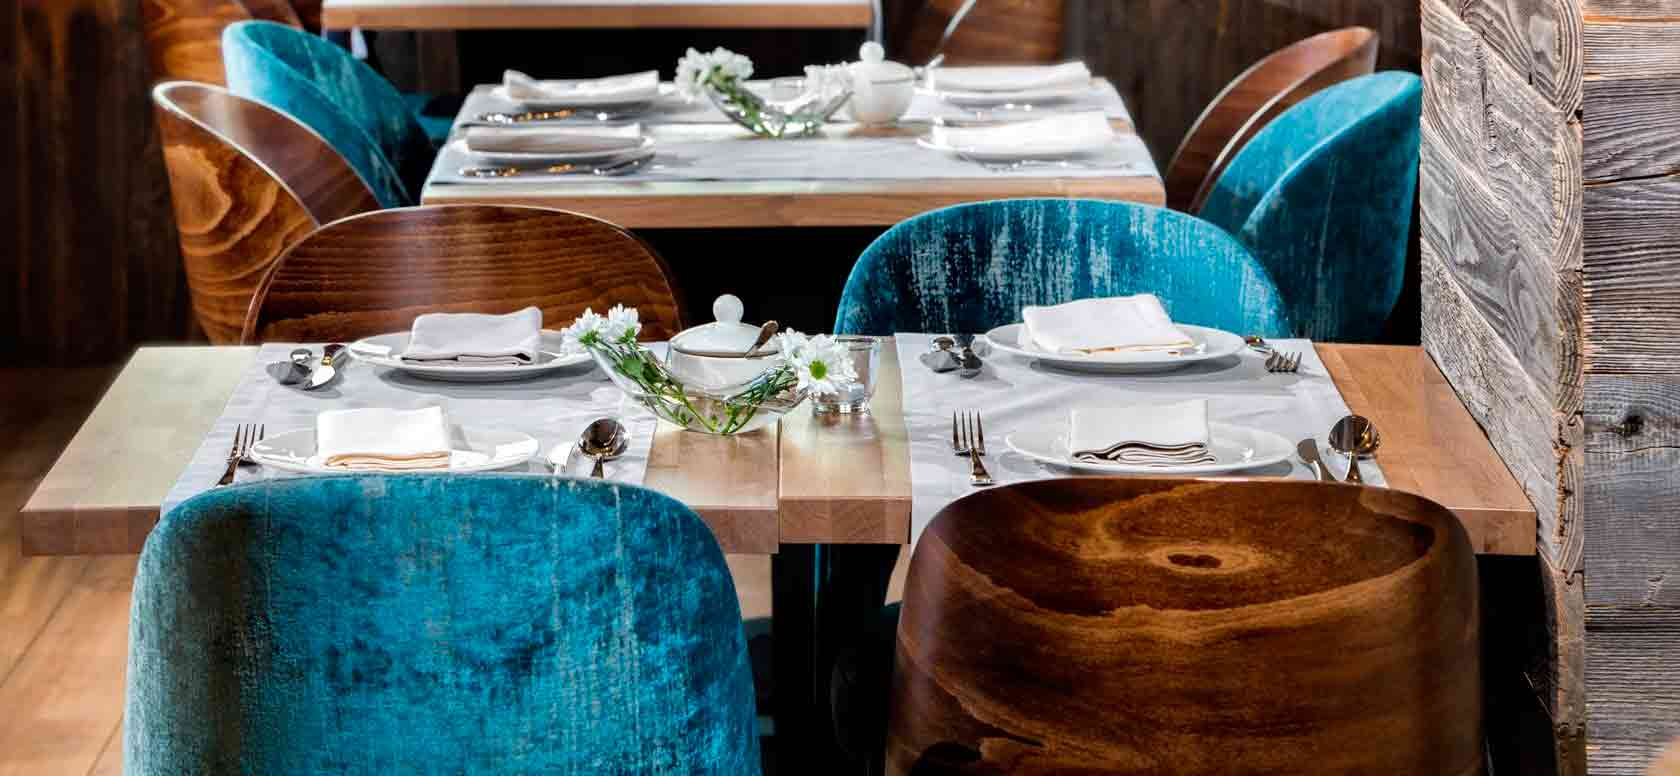 Trabajo realizado con Sillas madera de haya o roble Avola, para hostelería, ambiente 4